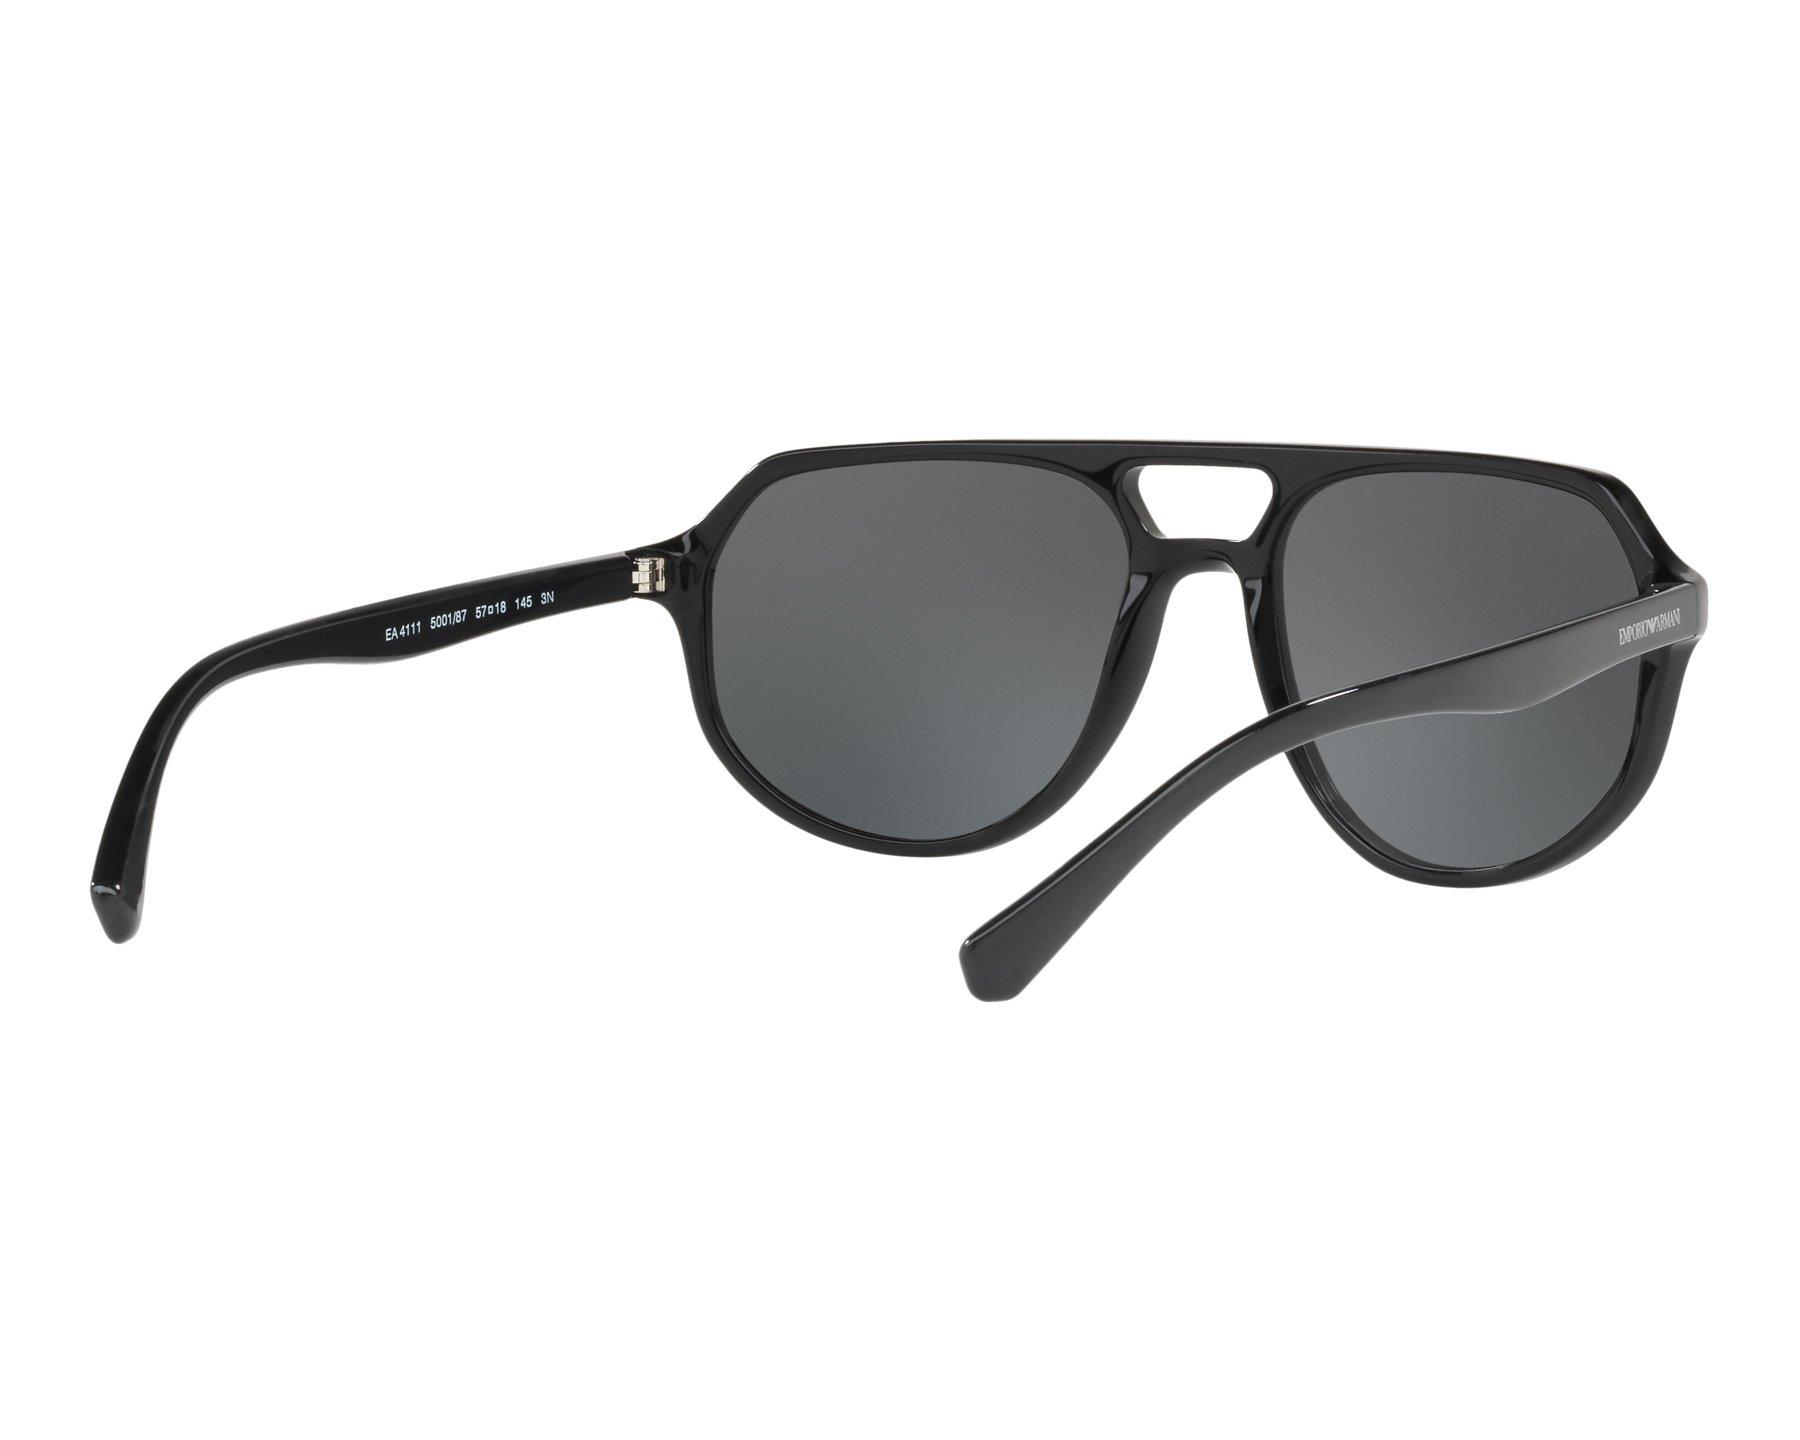 a9a3274993db Sunglasses Emporio Armani EA-4111 500187 57-18 Black 360 degree view 8